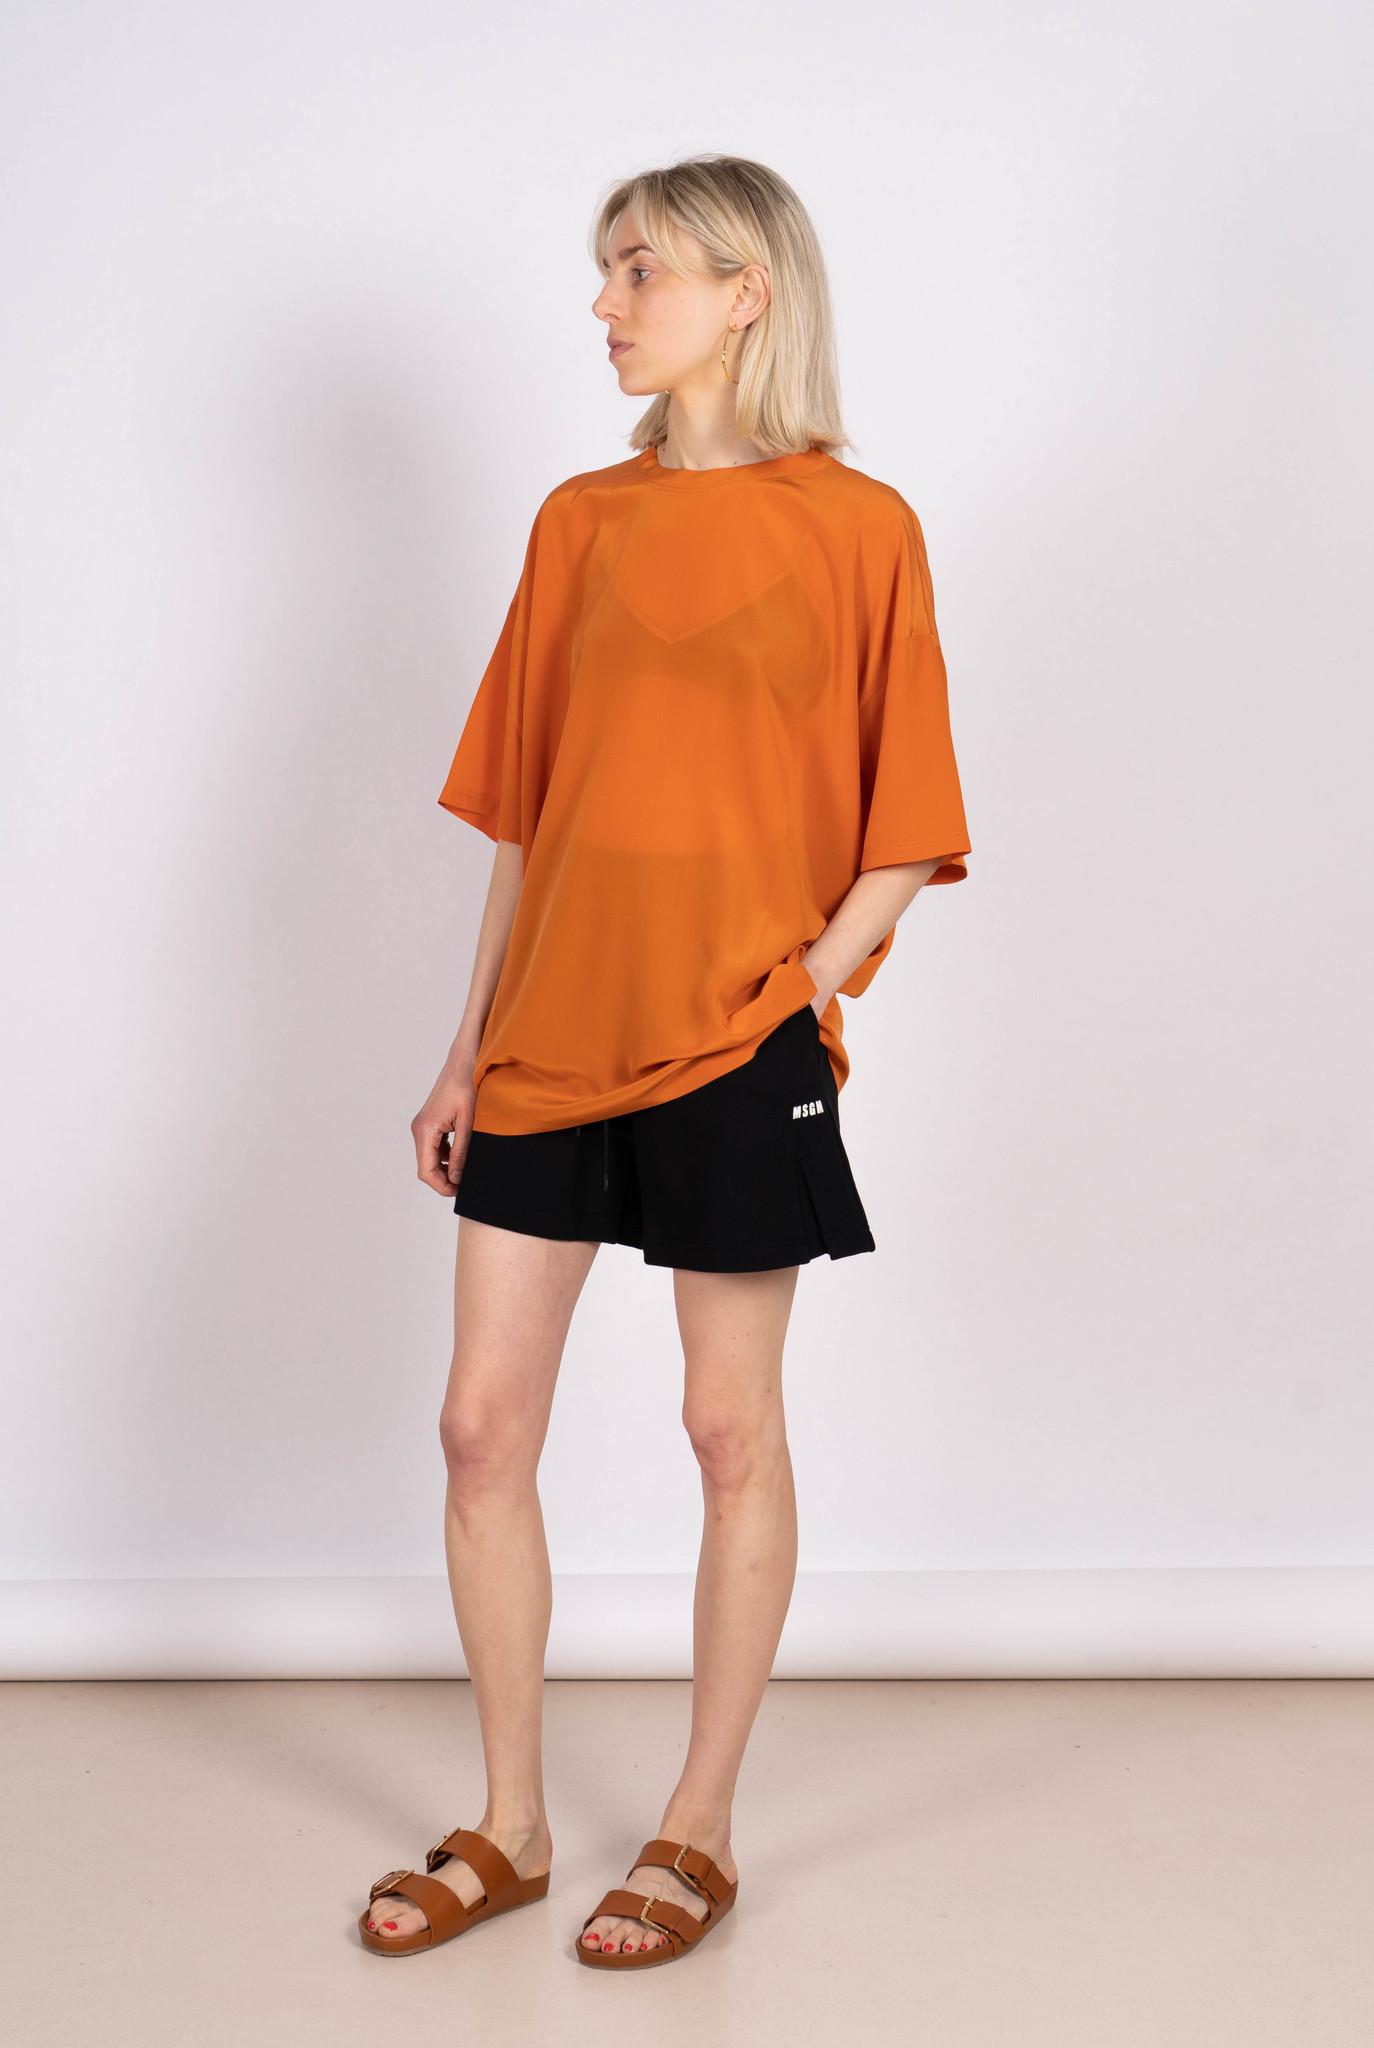 LOL Mini SS Orange Silk